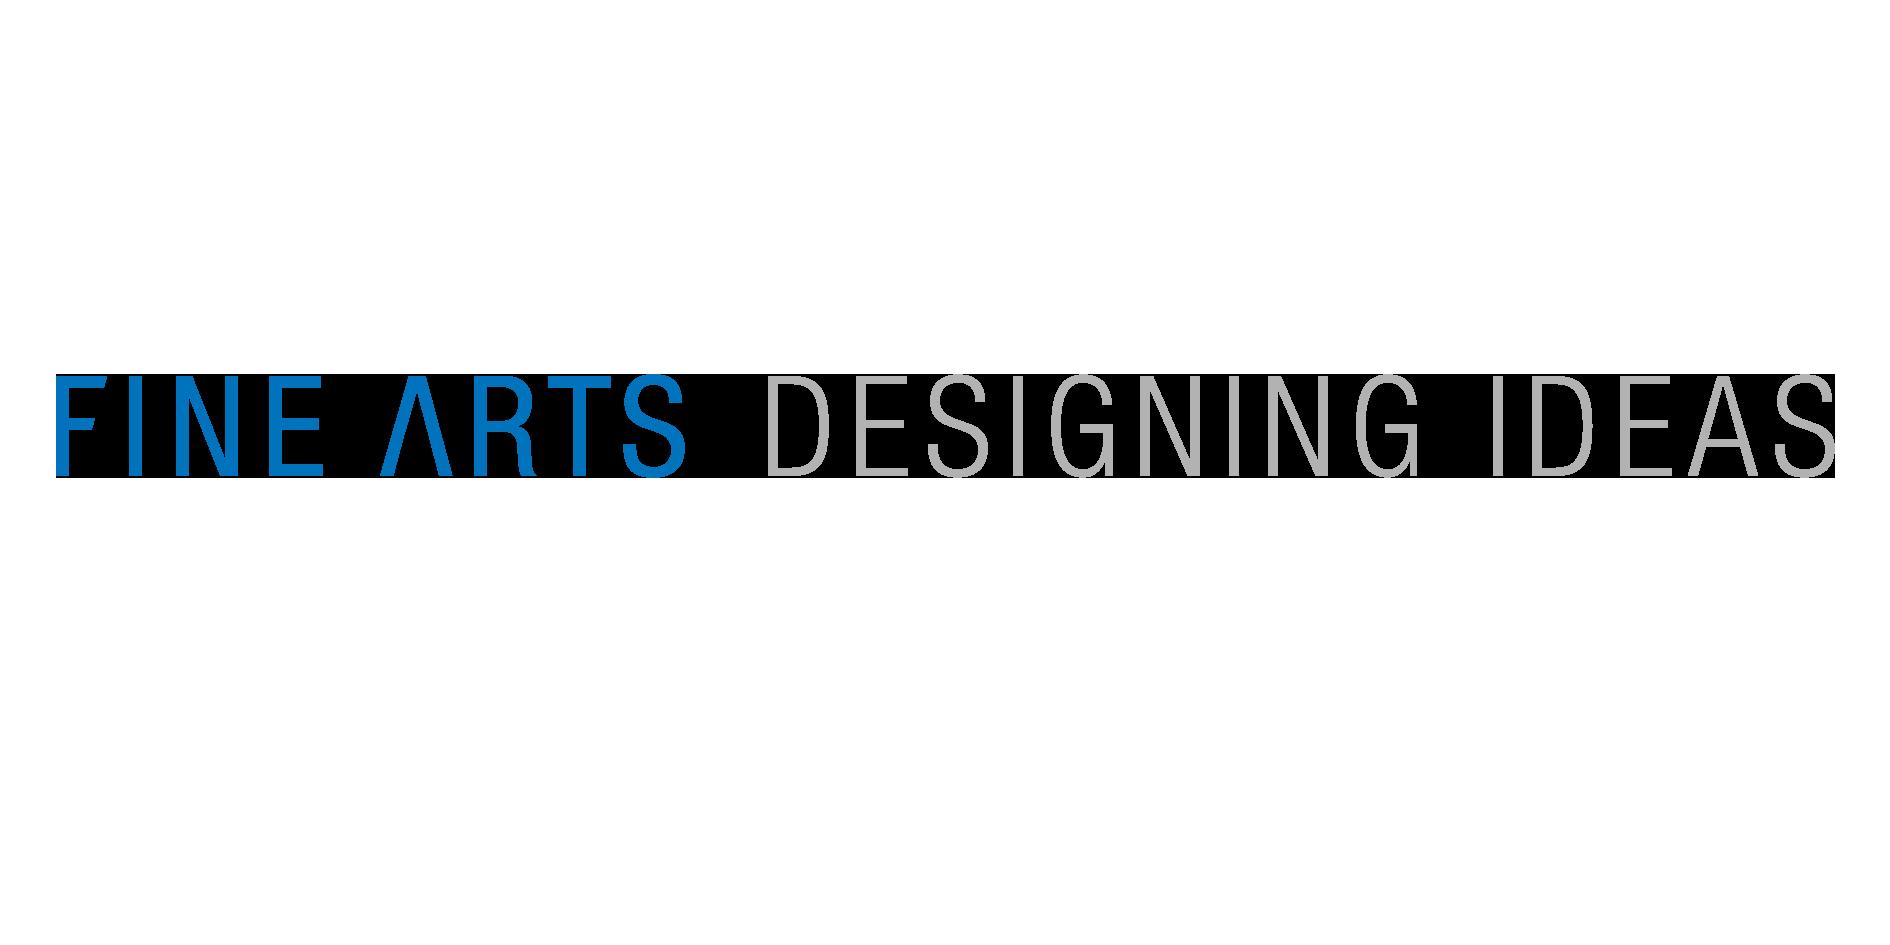 Logo, Fine Arts Designing, DEIN MÜNCHEN, Spenden, helfen, Jugendliche, Kinder, Engagement, soziales, Bildung, benachteiligt, CSR, Unternehmen, unterstützen, Mut auf Zukunft, Mut, Teilhabe, Gesellschaft, Verantwortung, Nachhaltigkeit, München, NO LIMITS, faire Startbedingungen, Chancen, Perspektiven